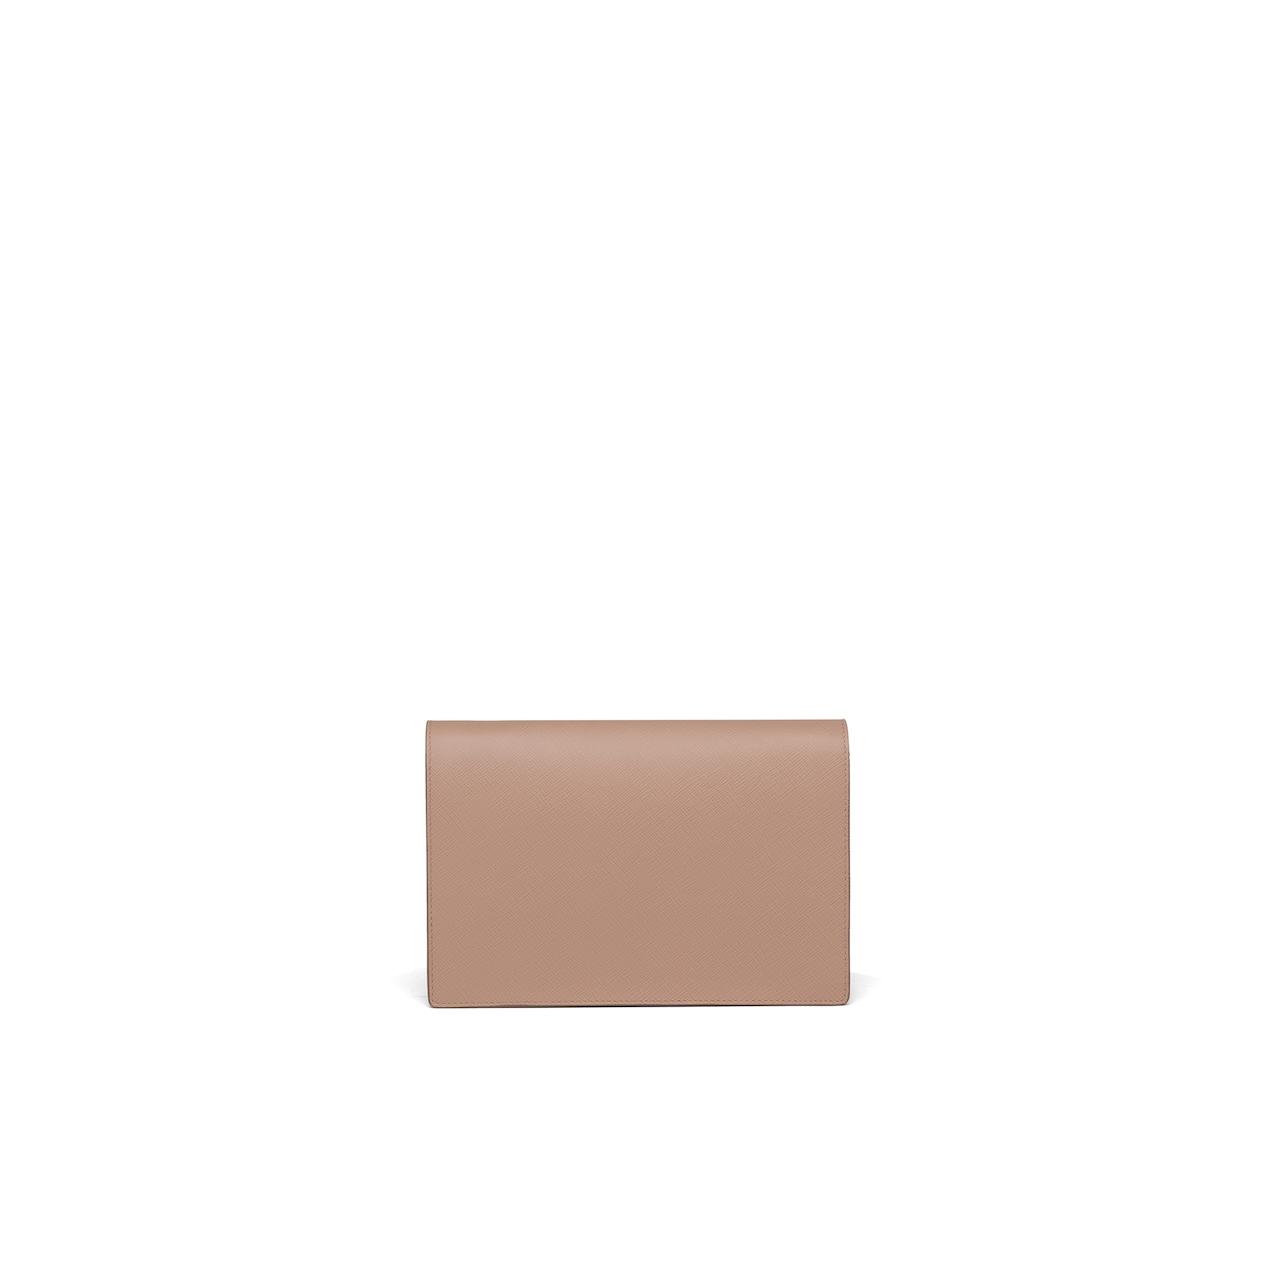 Prada Saffiano leather mini-bag 4